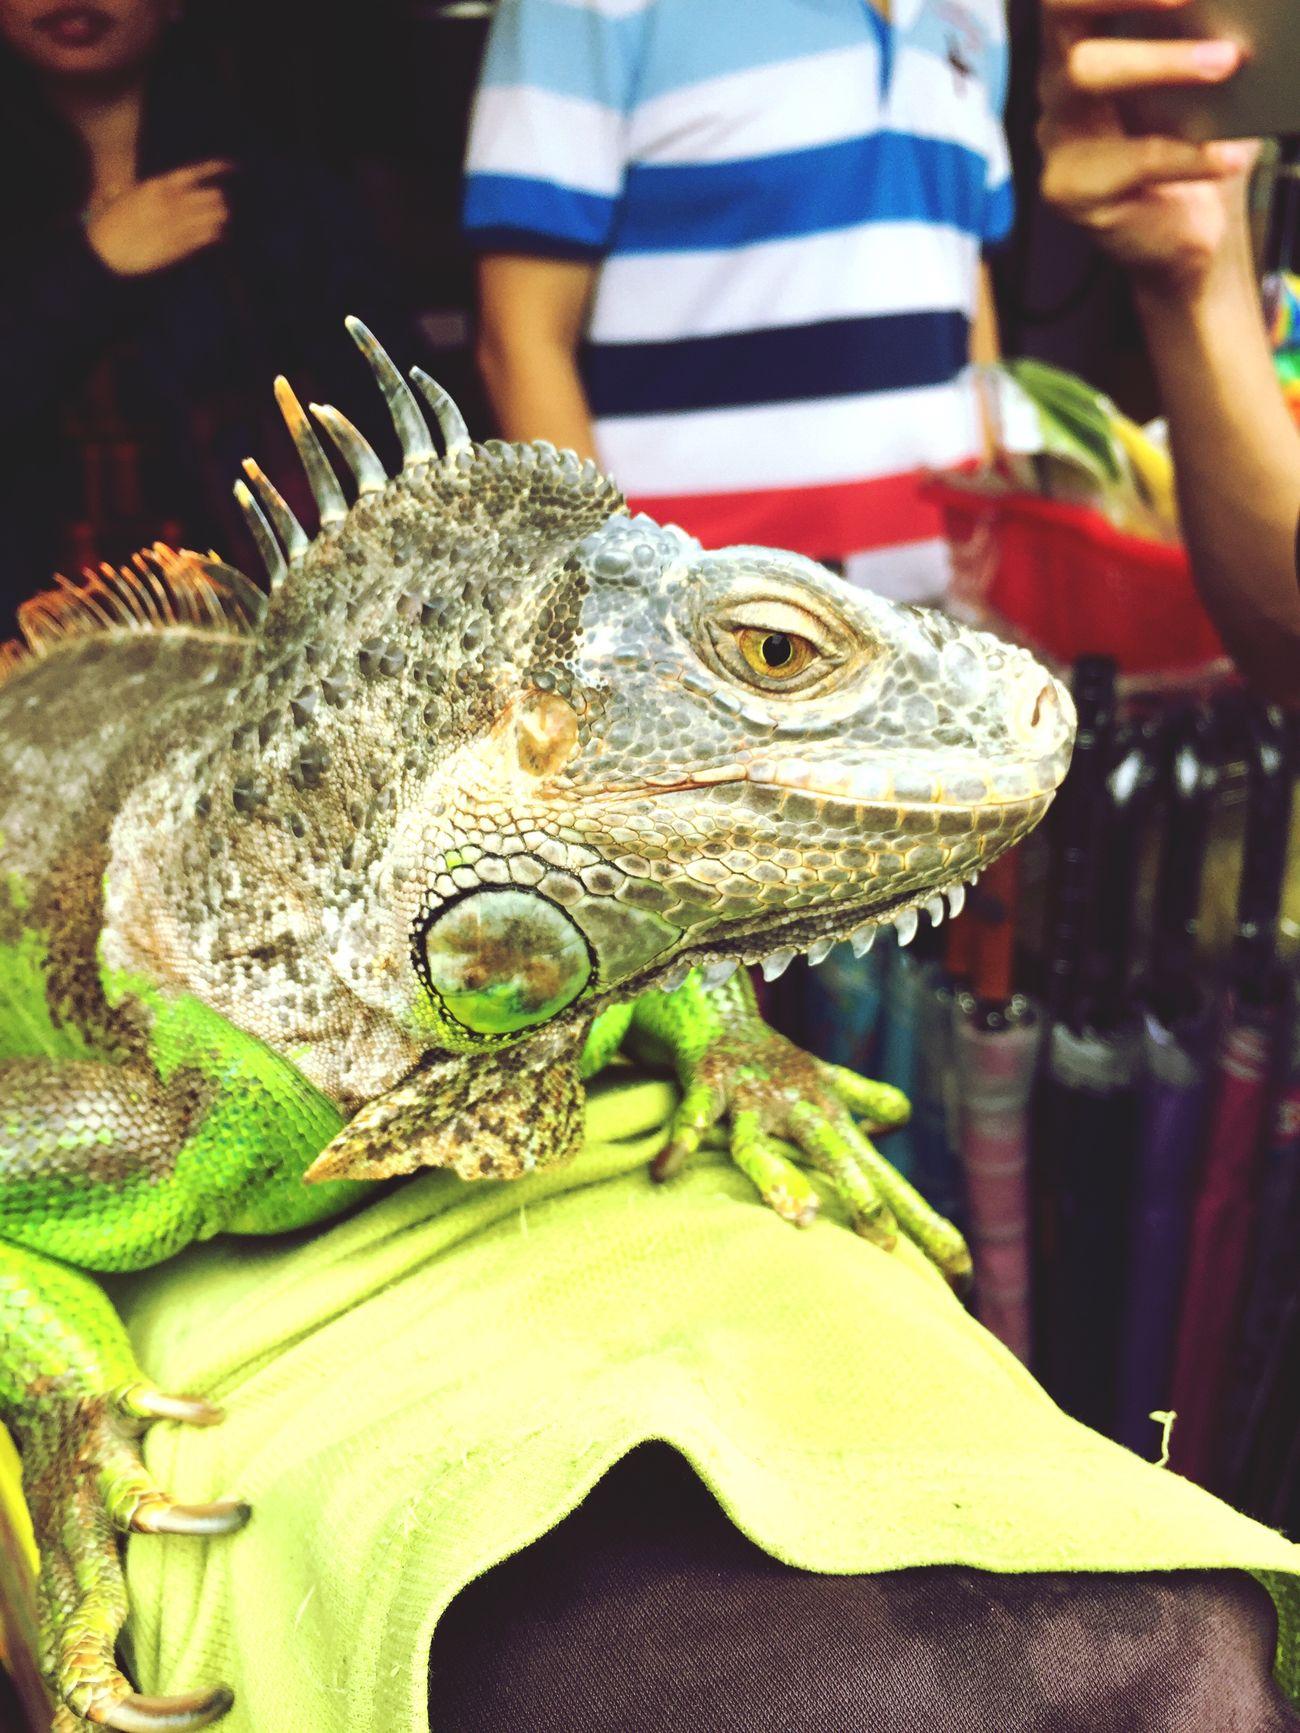 物 Reptile Animal Themes One Animal Green Color Animals In The Wild Animal Wildlife Crocodile Day Iguana Outdoors No People